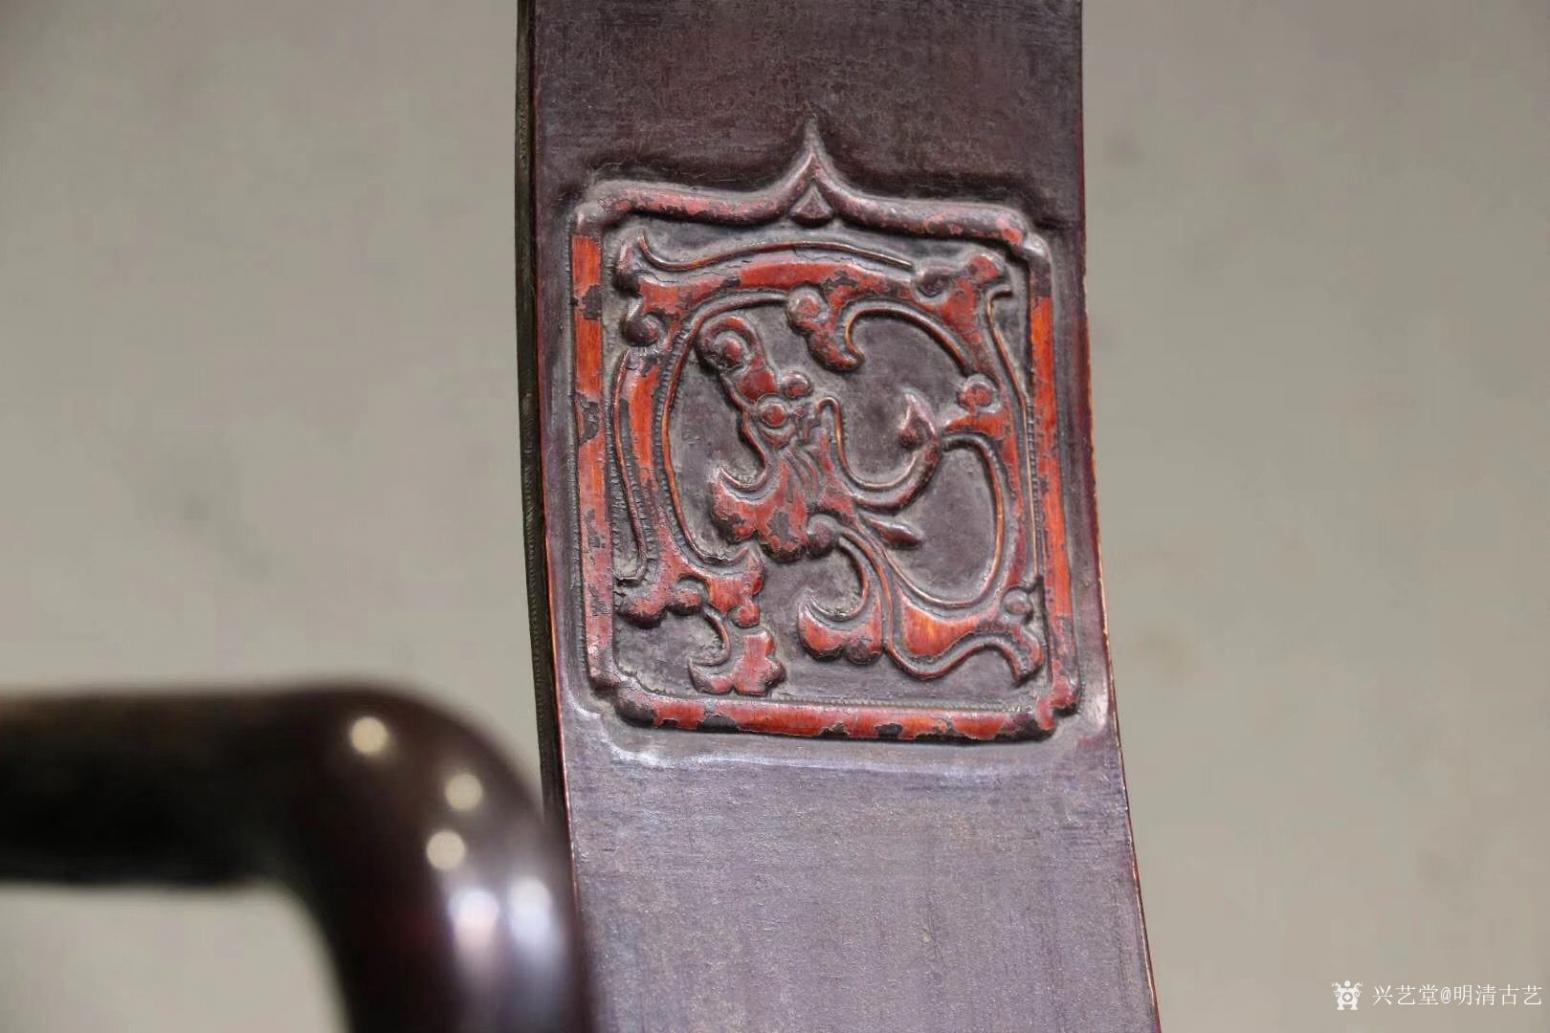 明清古艺文玩杂项作品《收藏品:明式楠木椅》【图2】